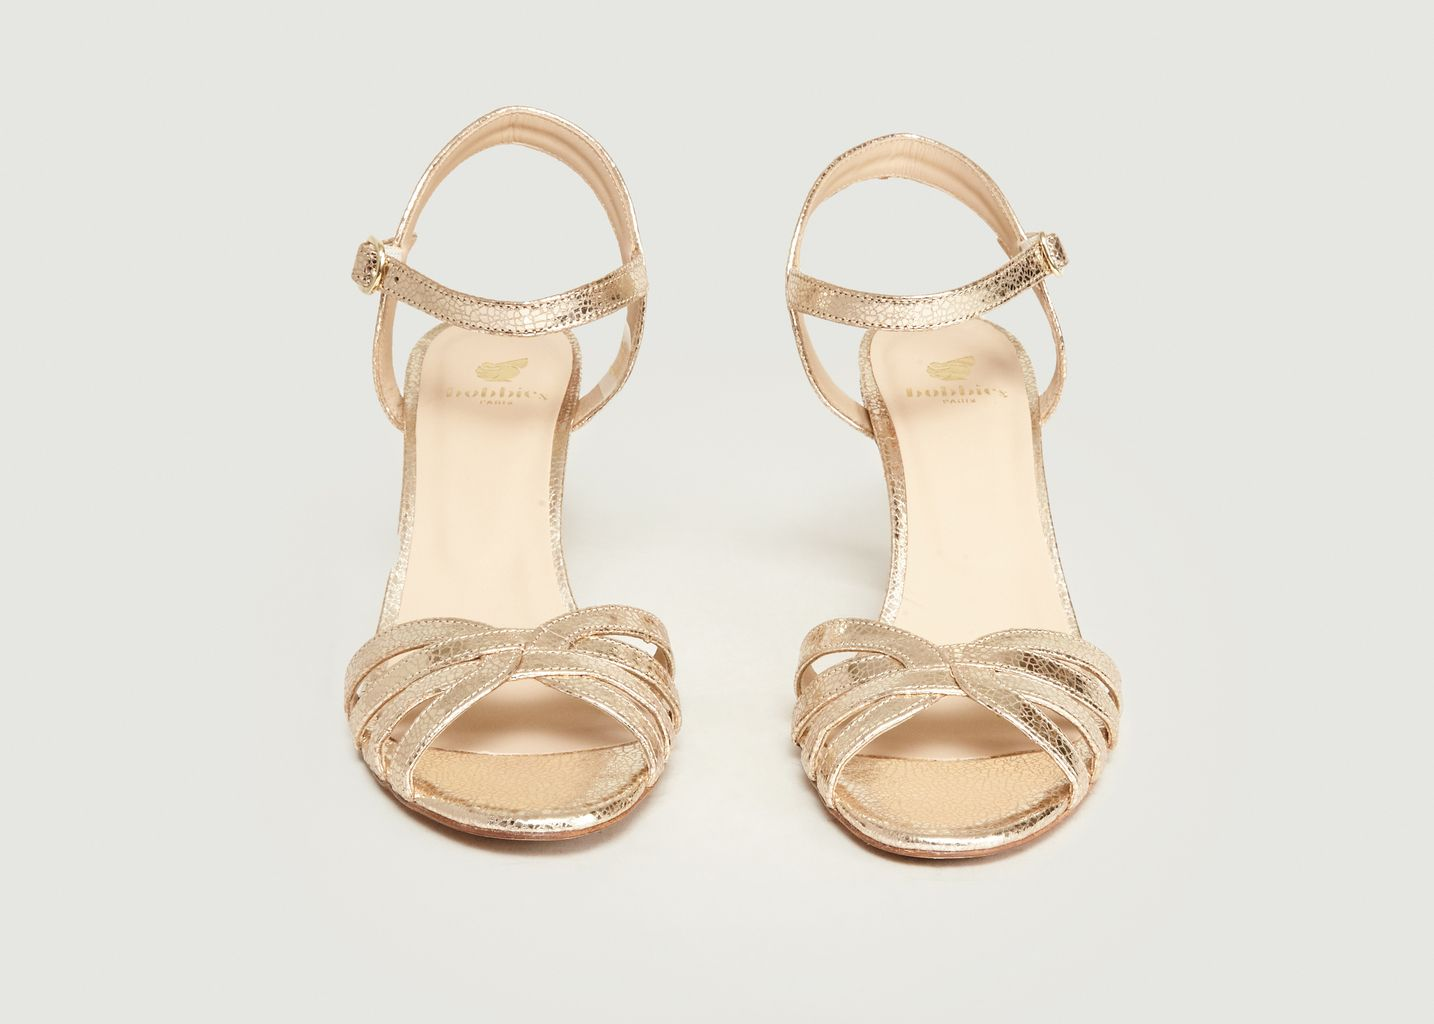 Sandales En Cuir Craquelé La Ravie - Bobbies Paris